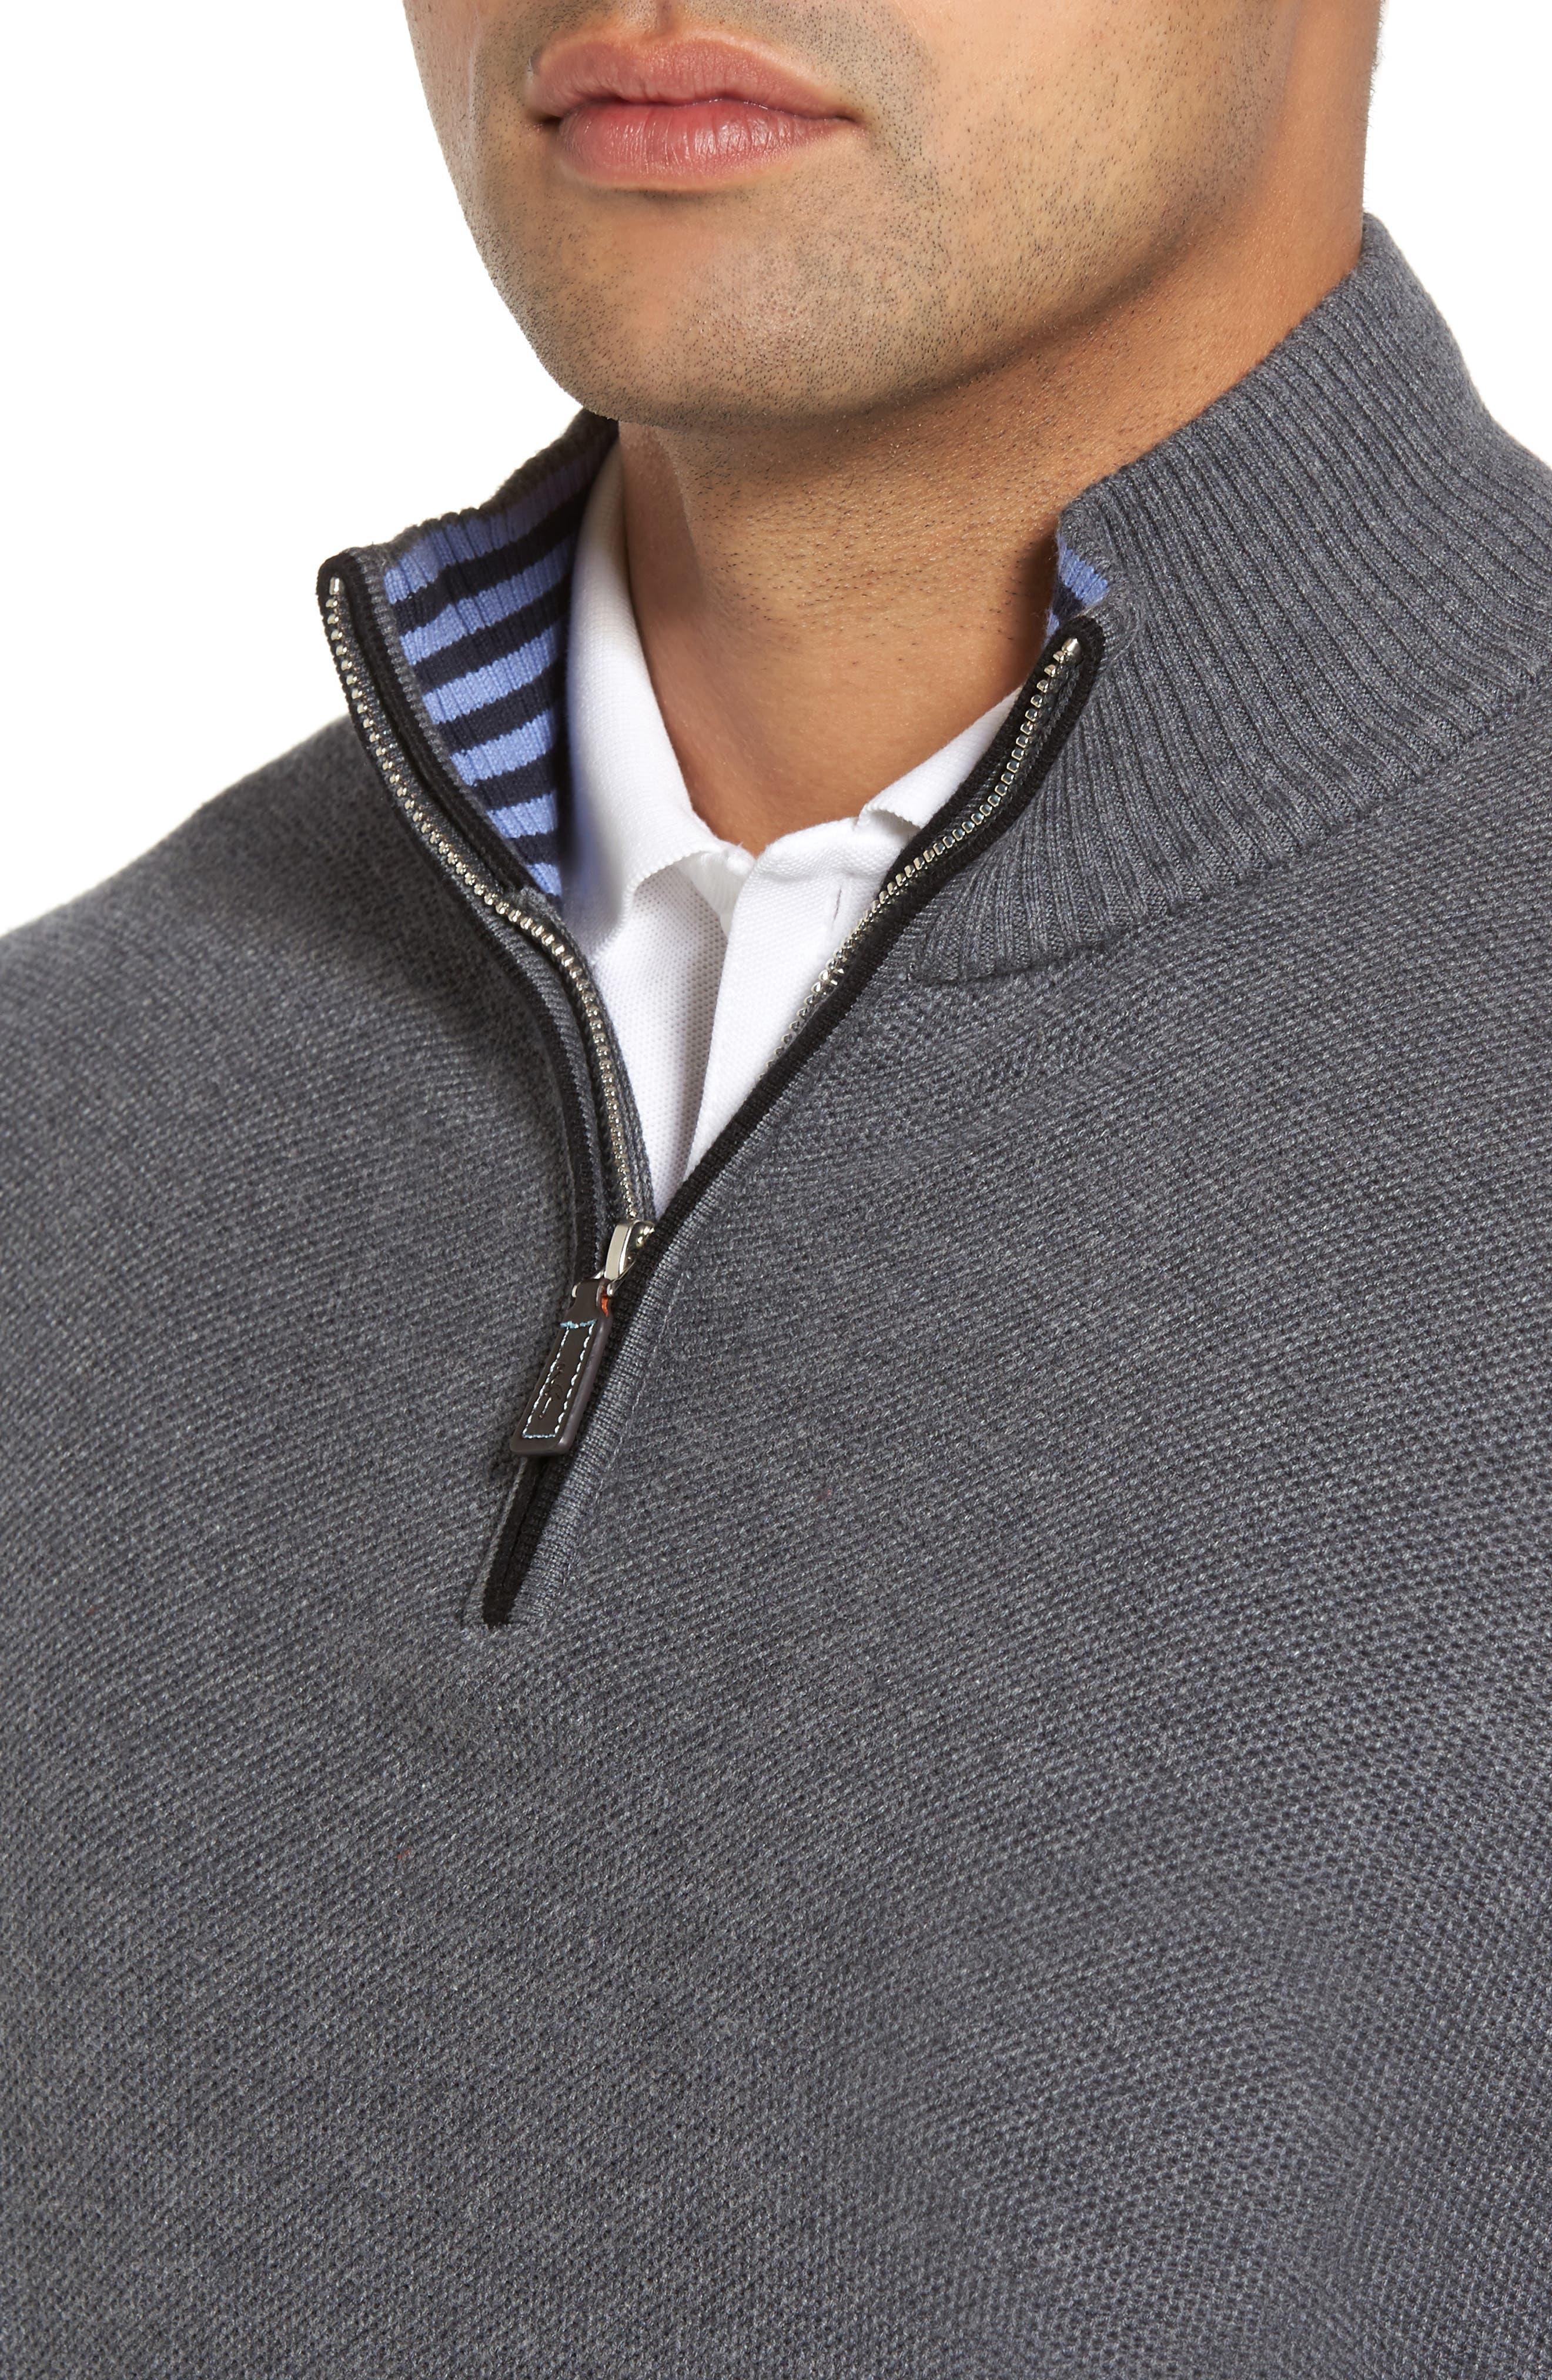 Alternate Image 4  - TailorByrd Kinder Quarter Zip Pullover